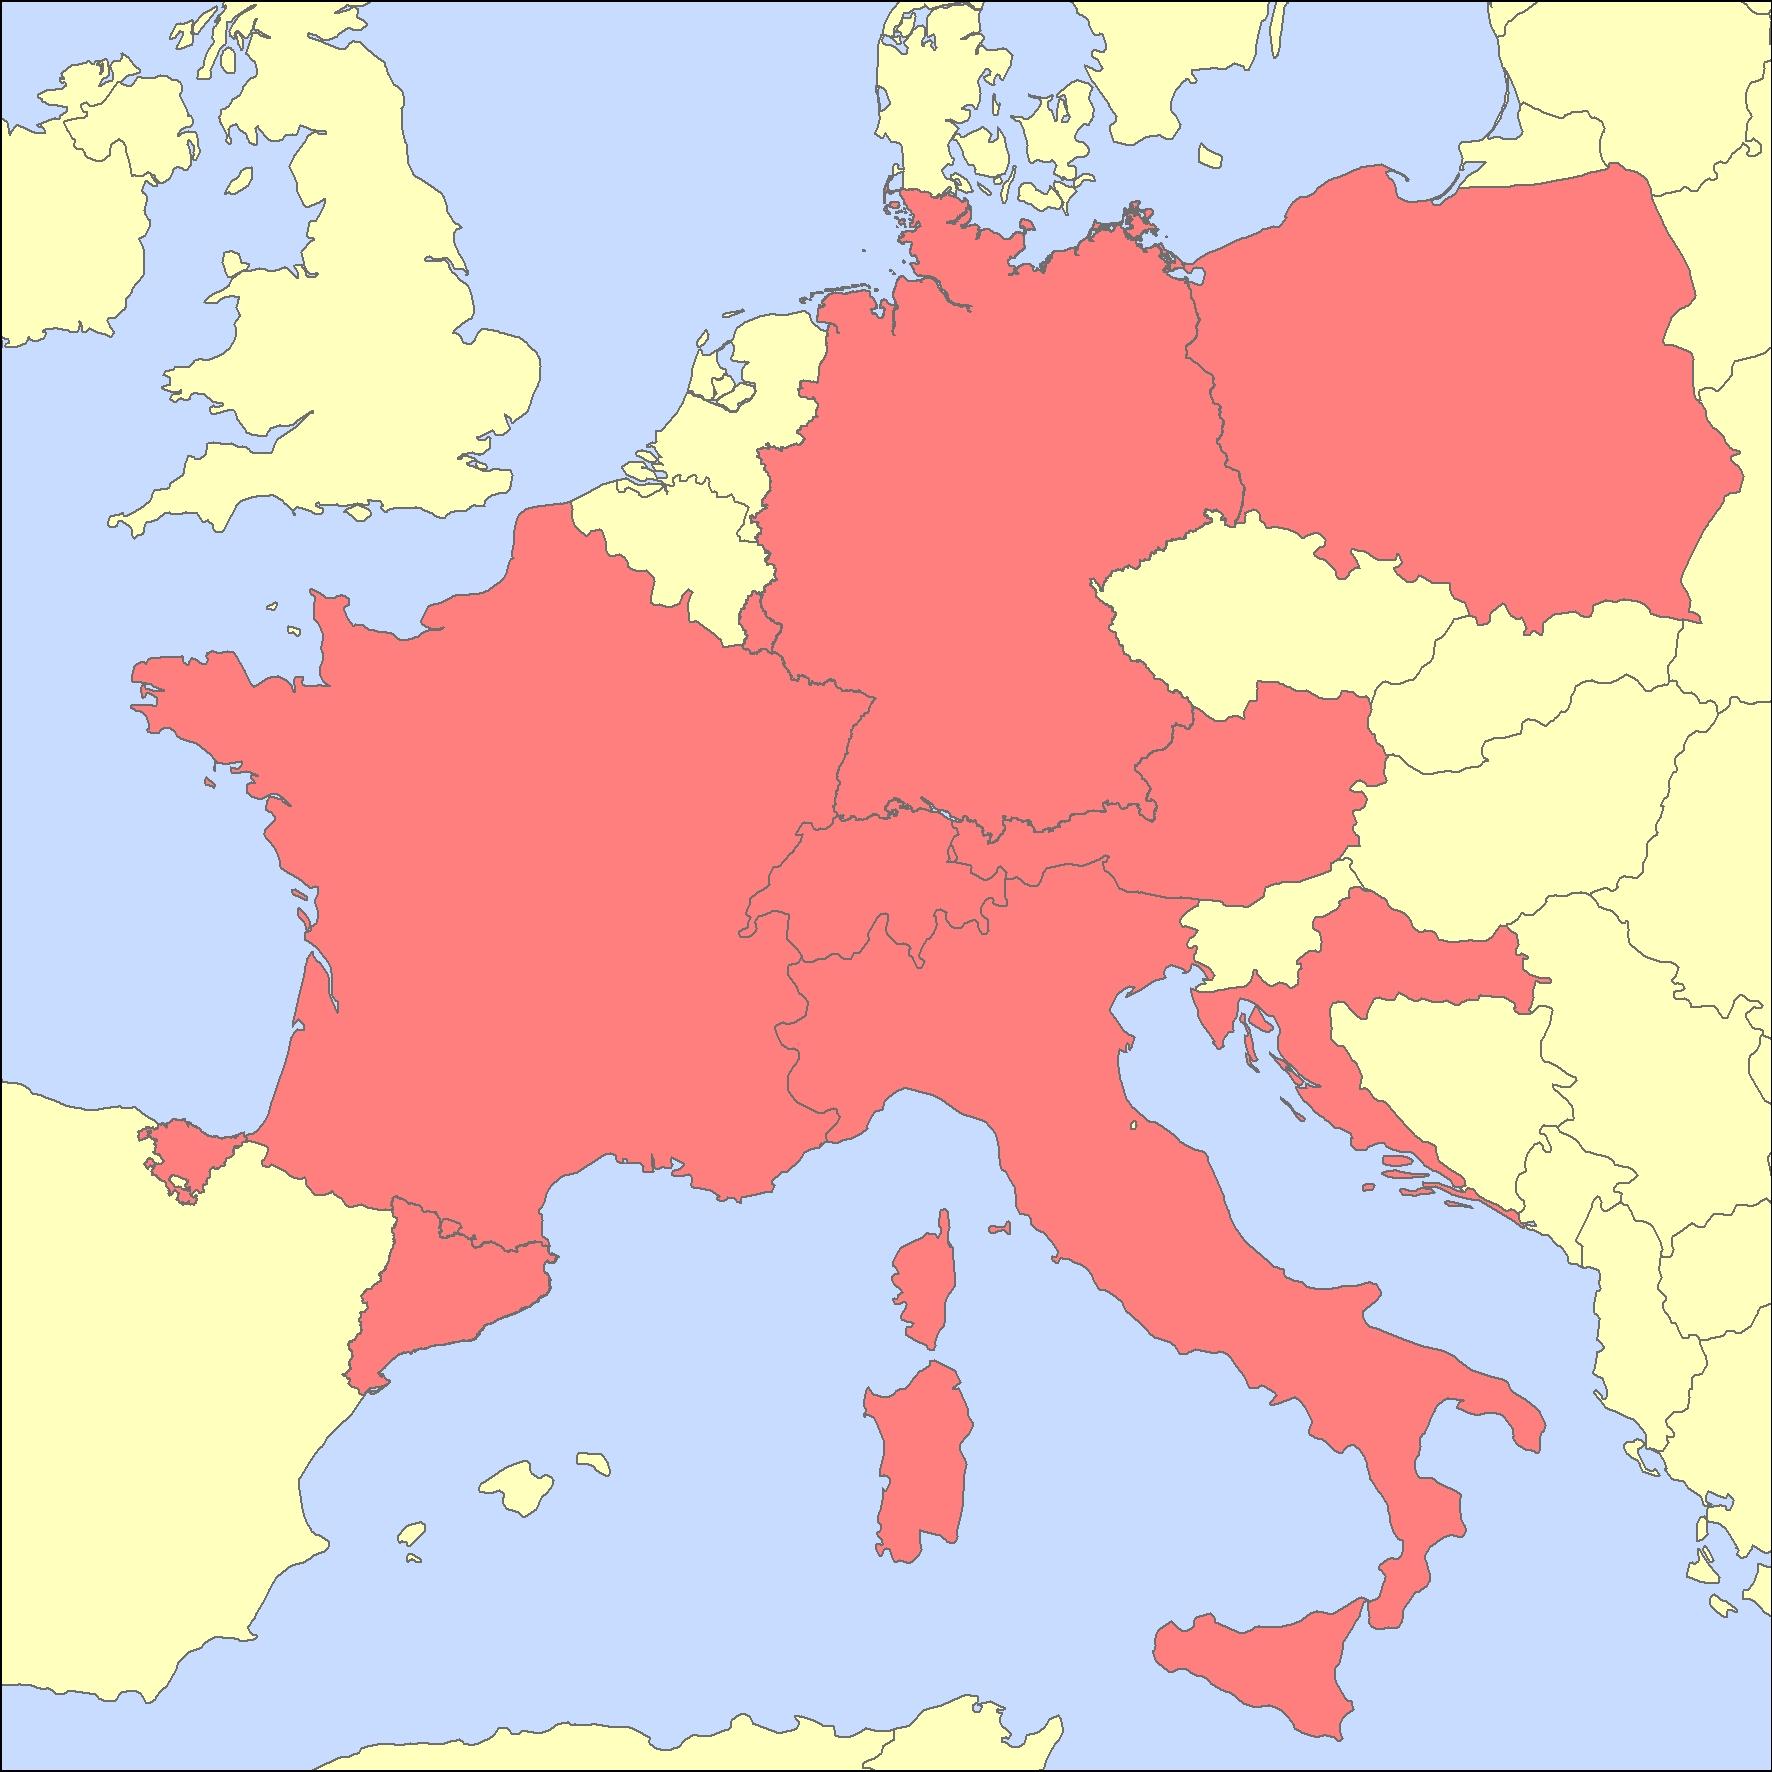 9b3ce6ac31 Autres bases étrangères - www.faune-anjou.org